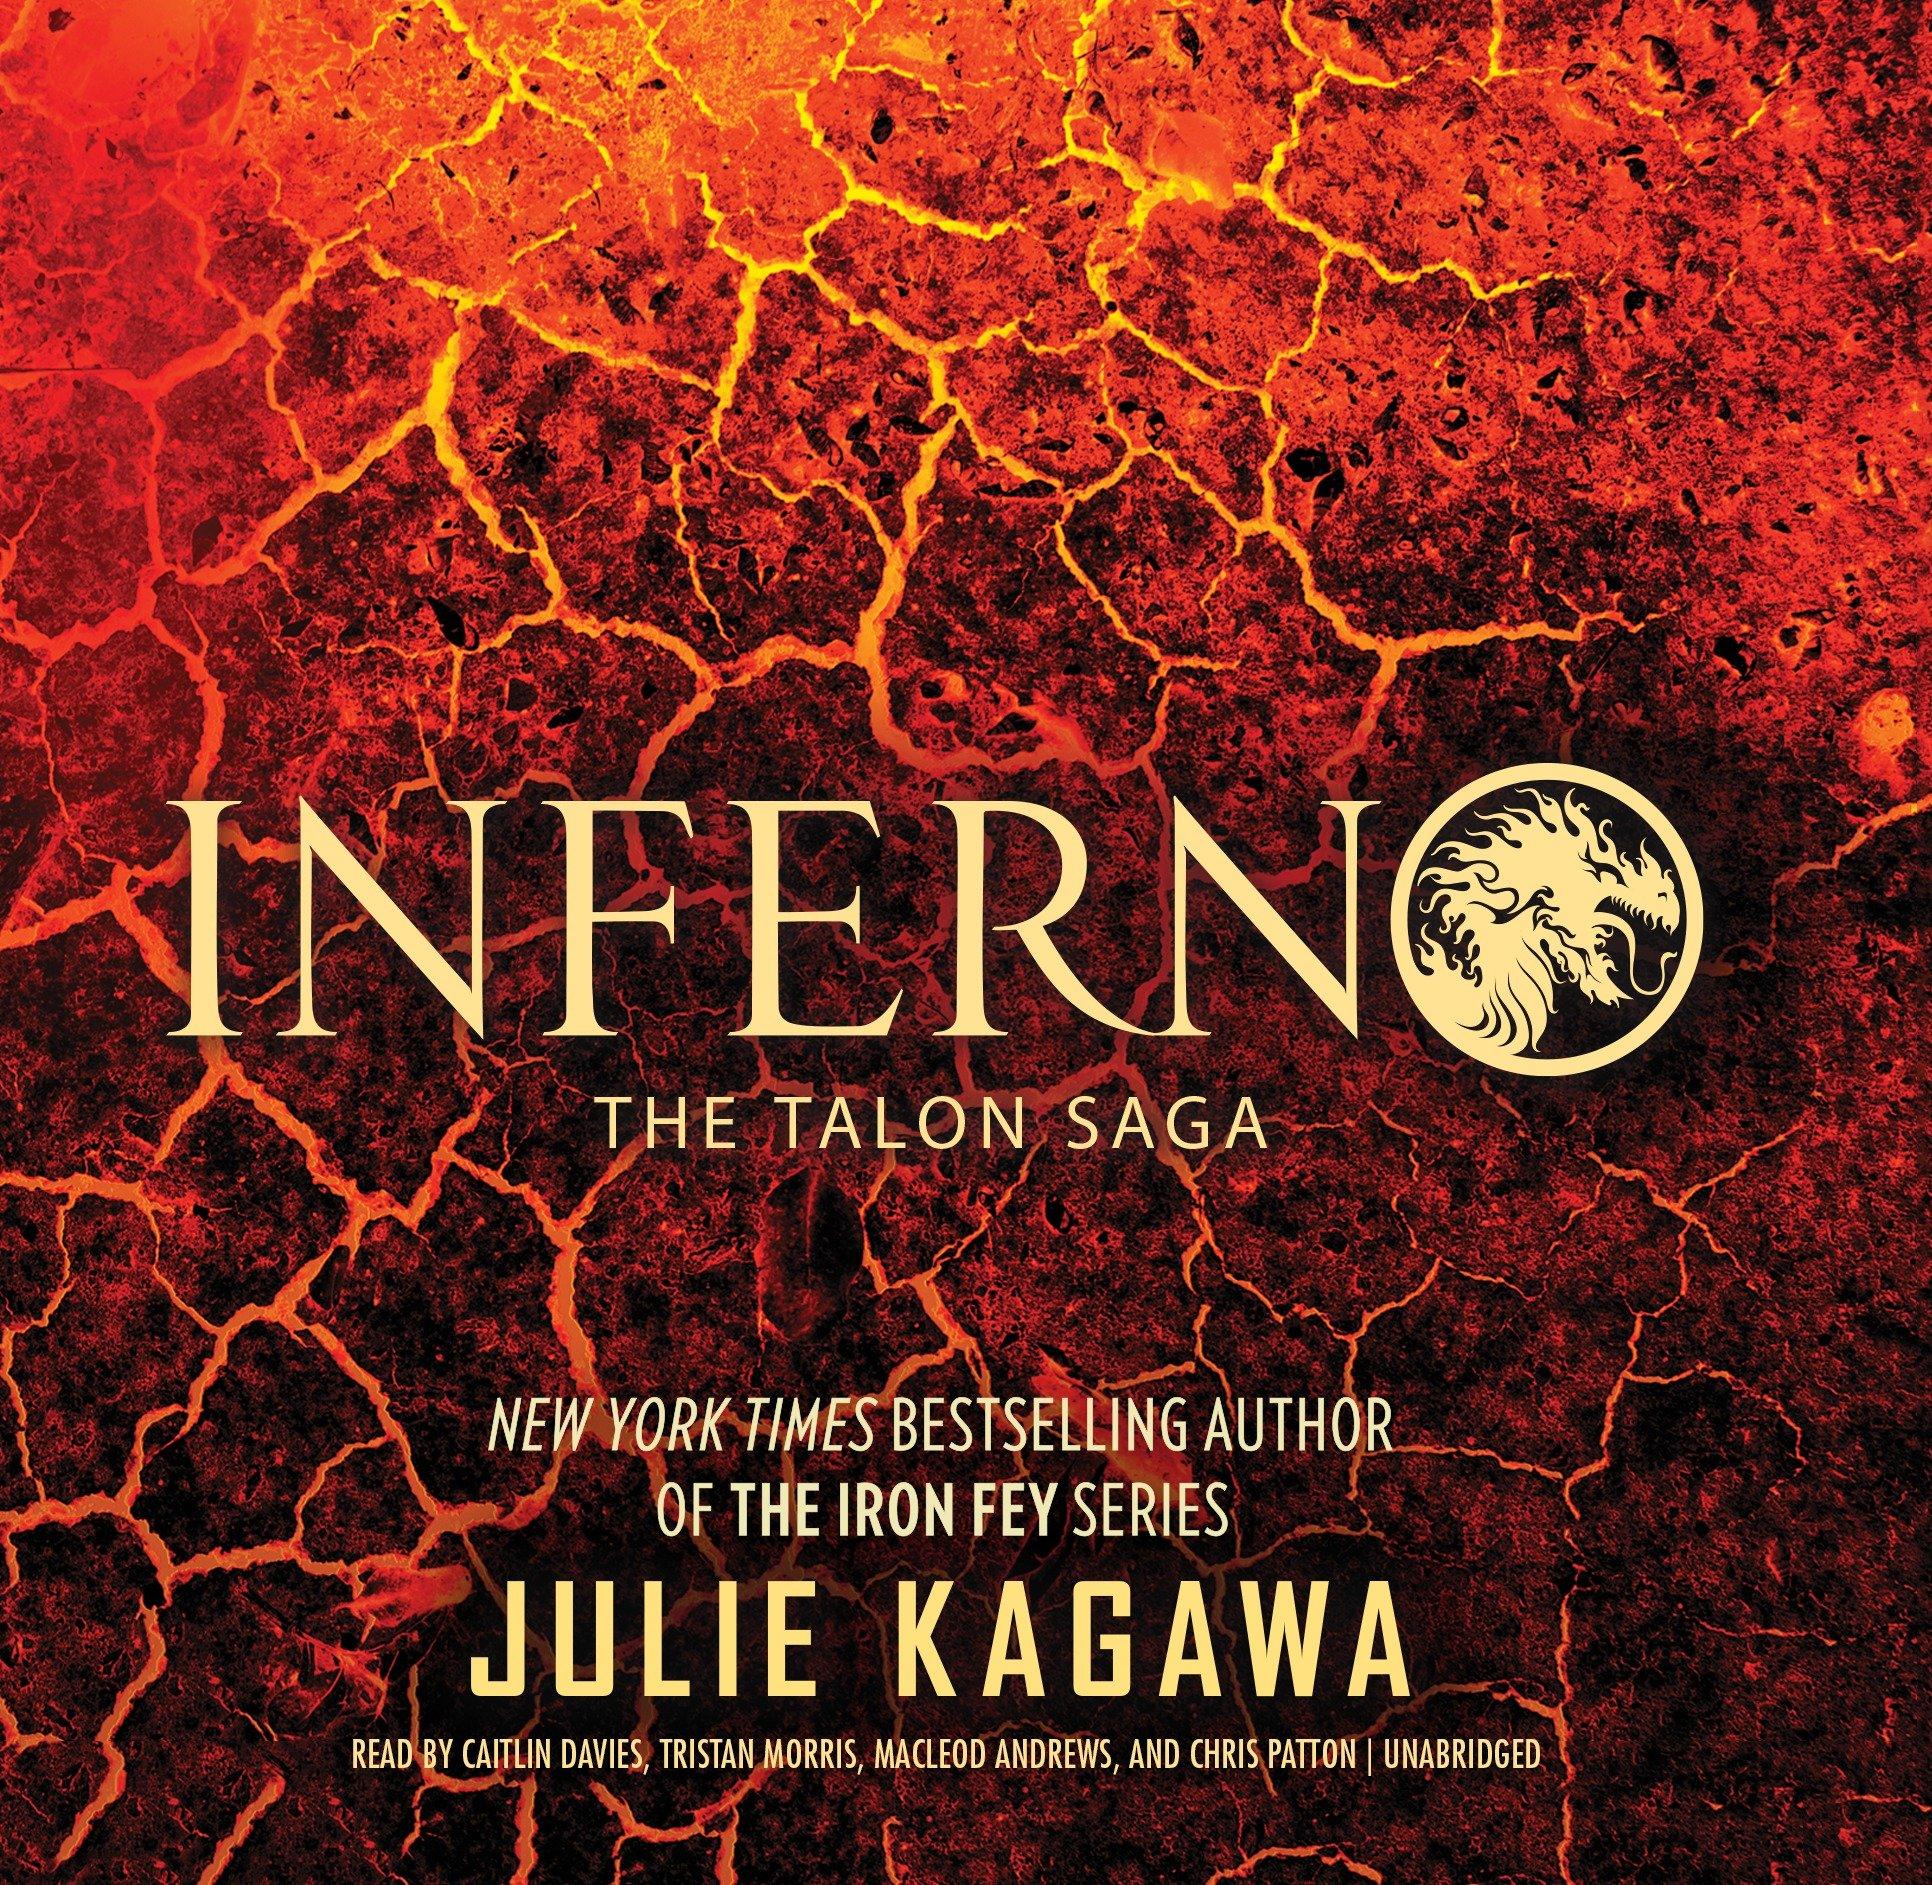 Amazon.com: Inferno (Talon Saga, Book 5) (9781504712637): Julie Kagawa:  Books